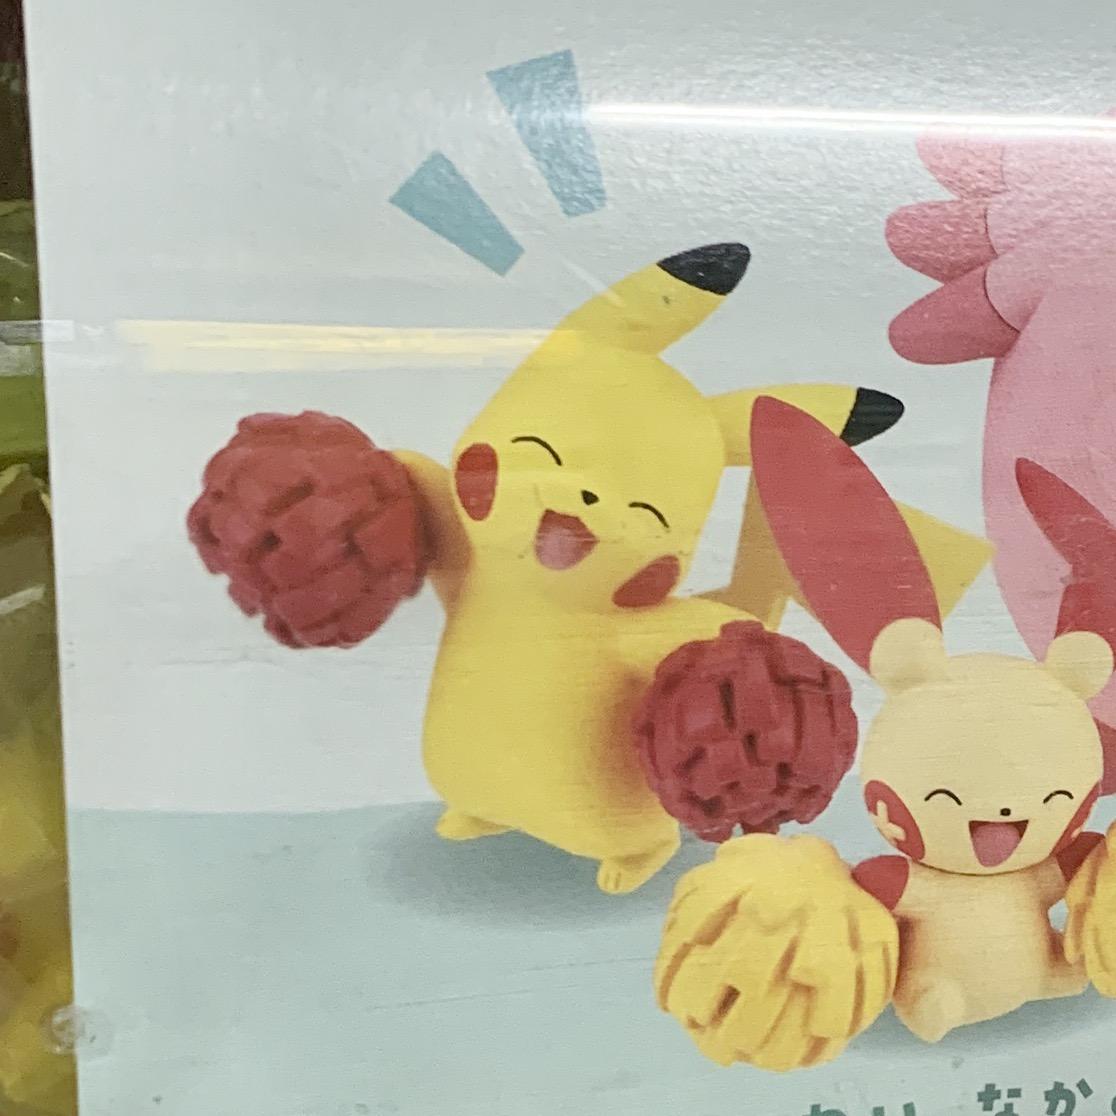 f:id:pikachu_pcn:20200629213641j:plain